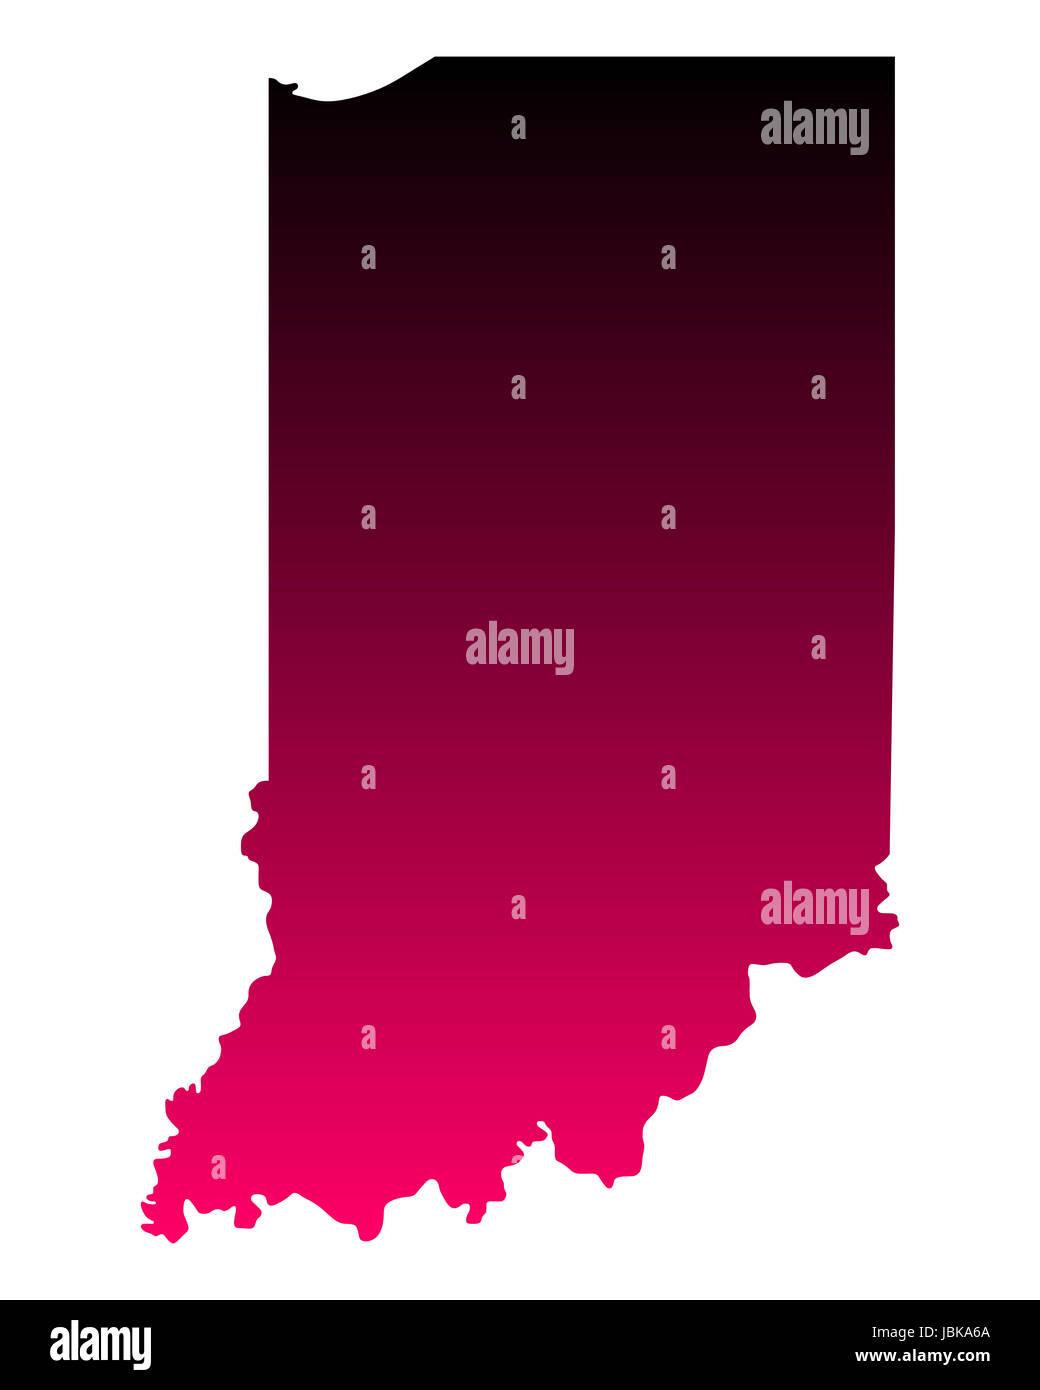 Karte von Indiana - Stock Image